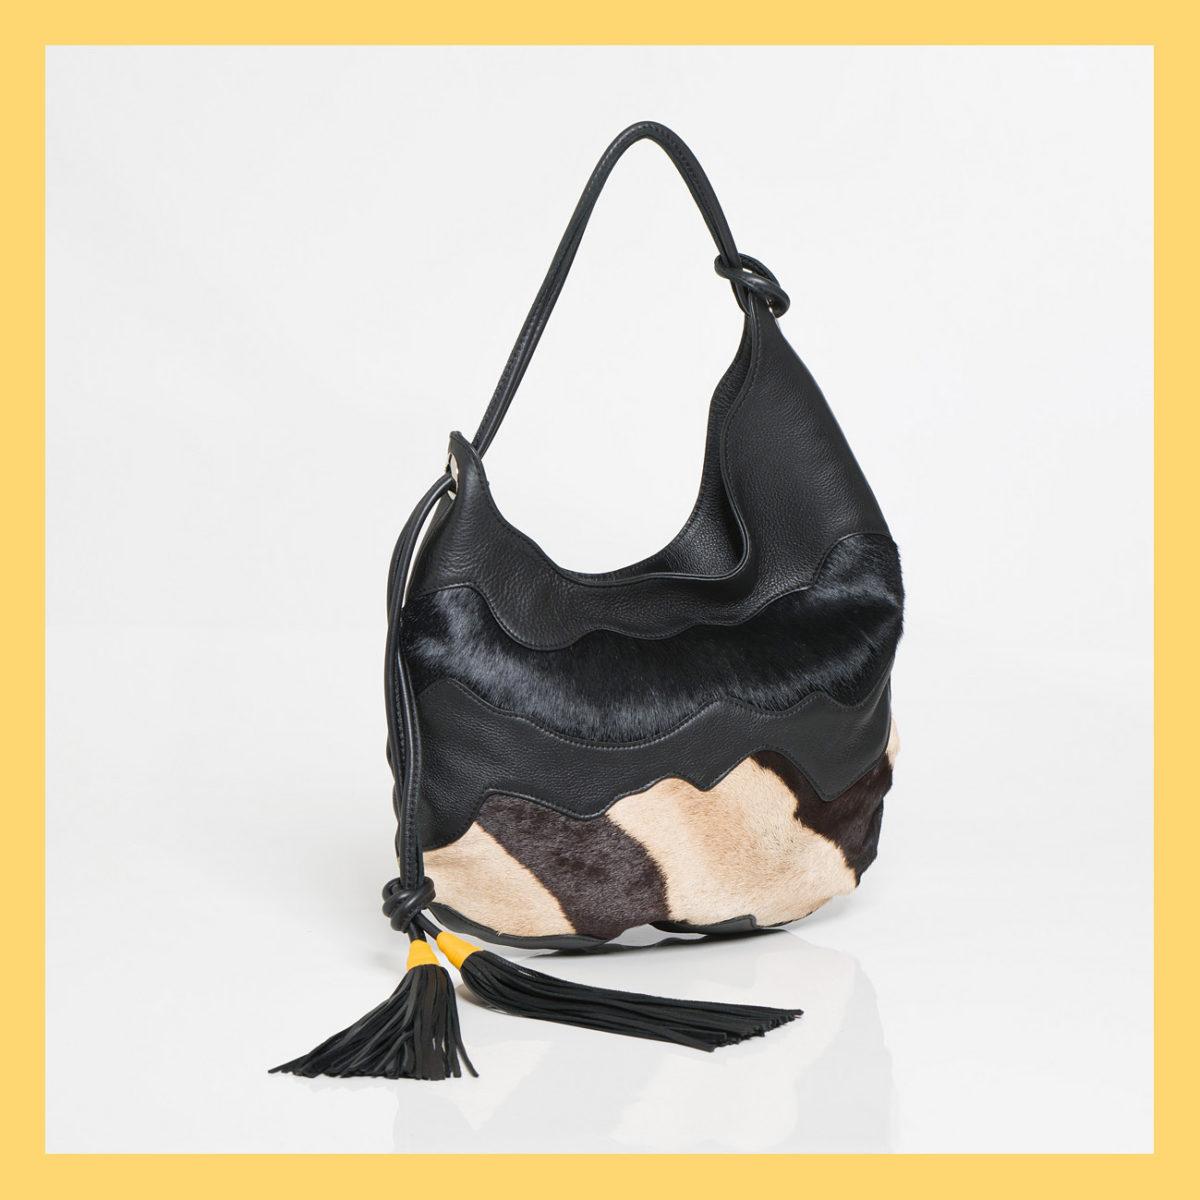 The Wave Zebra Handbag